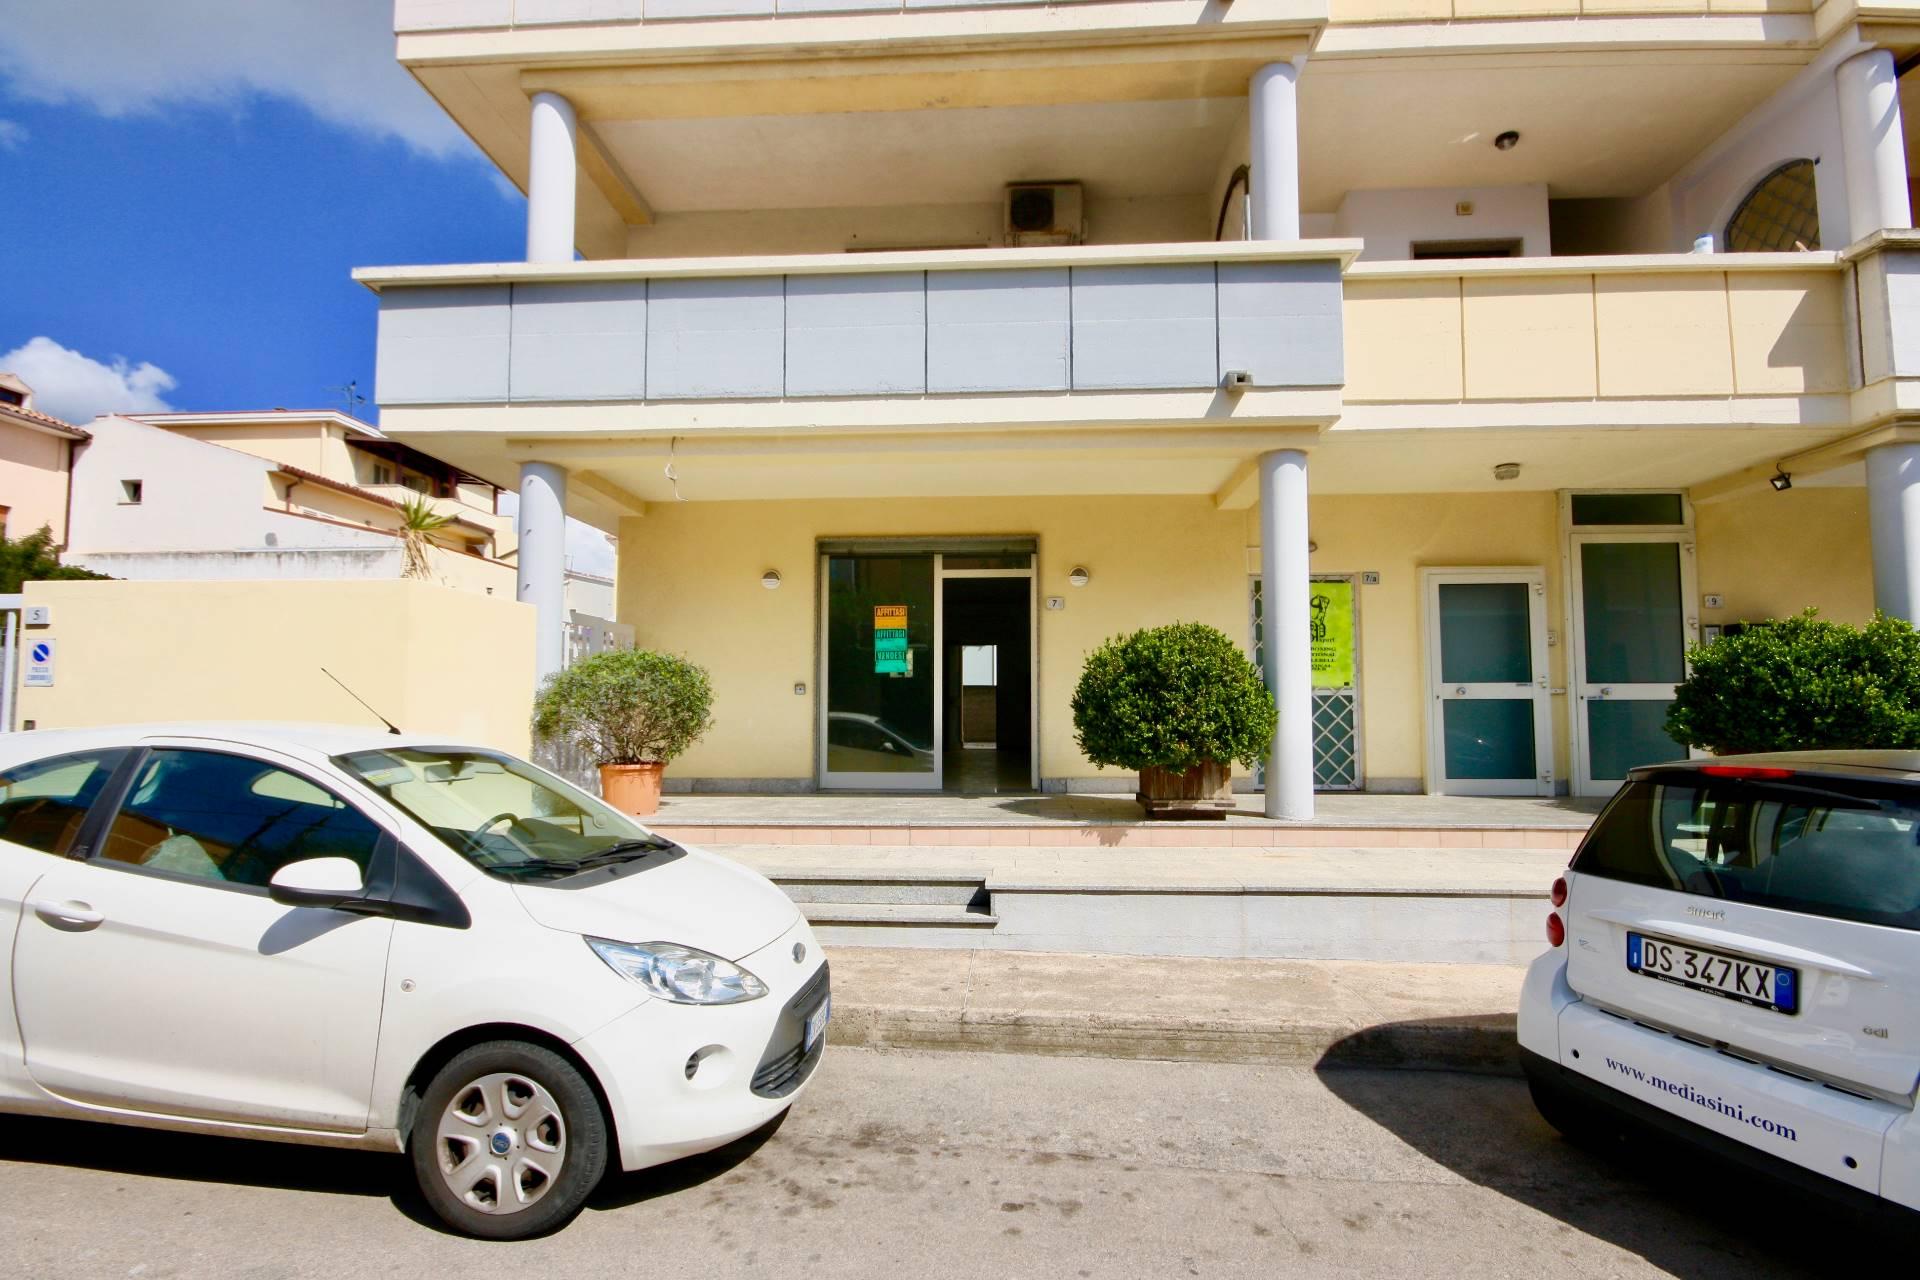 Negozio / Locale in vendita a Olbia - Porto Rotondo, 9999 locali, zona Località: Olbiacittà, prezzo € 145.000 | CambioCasa.it